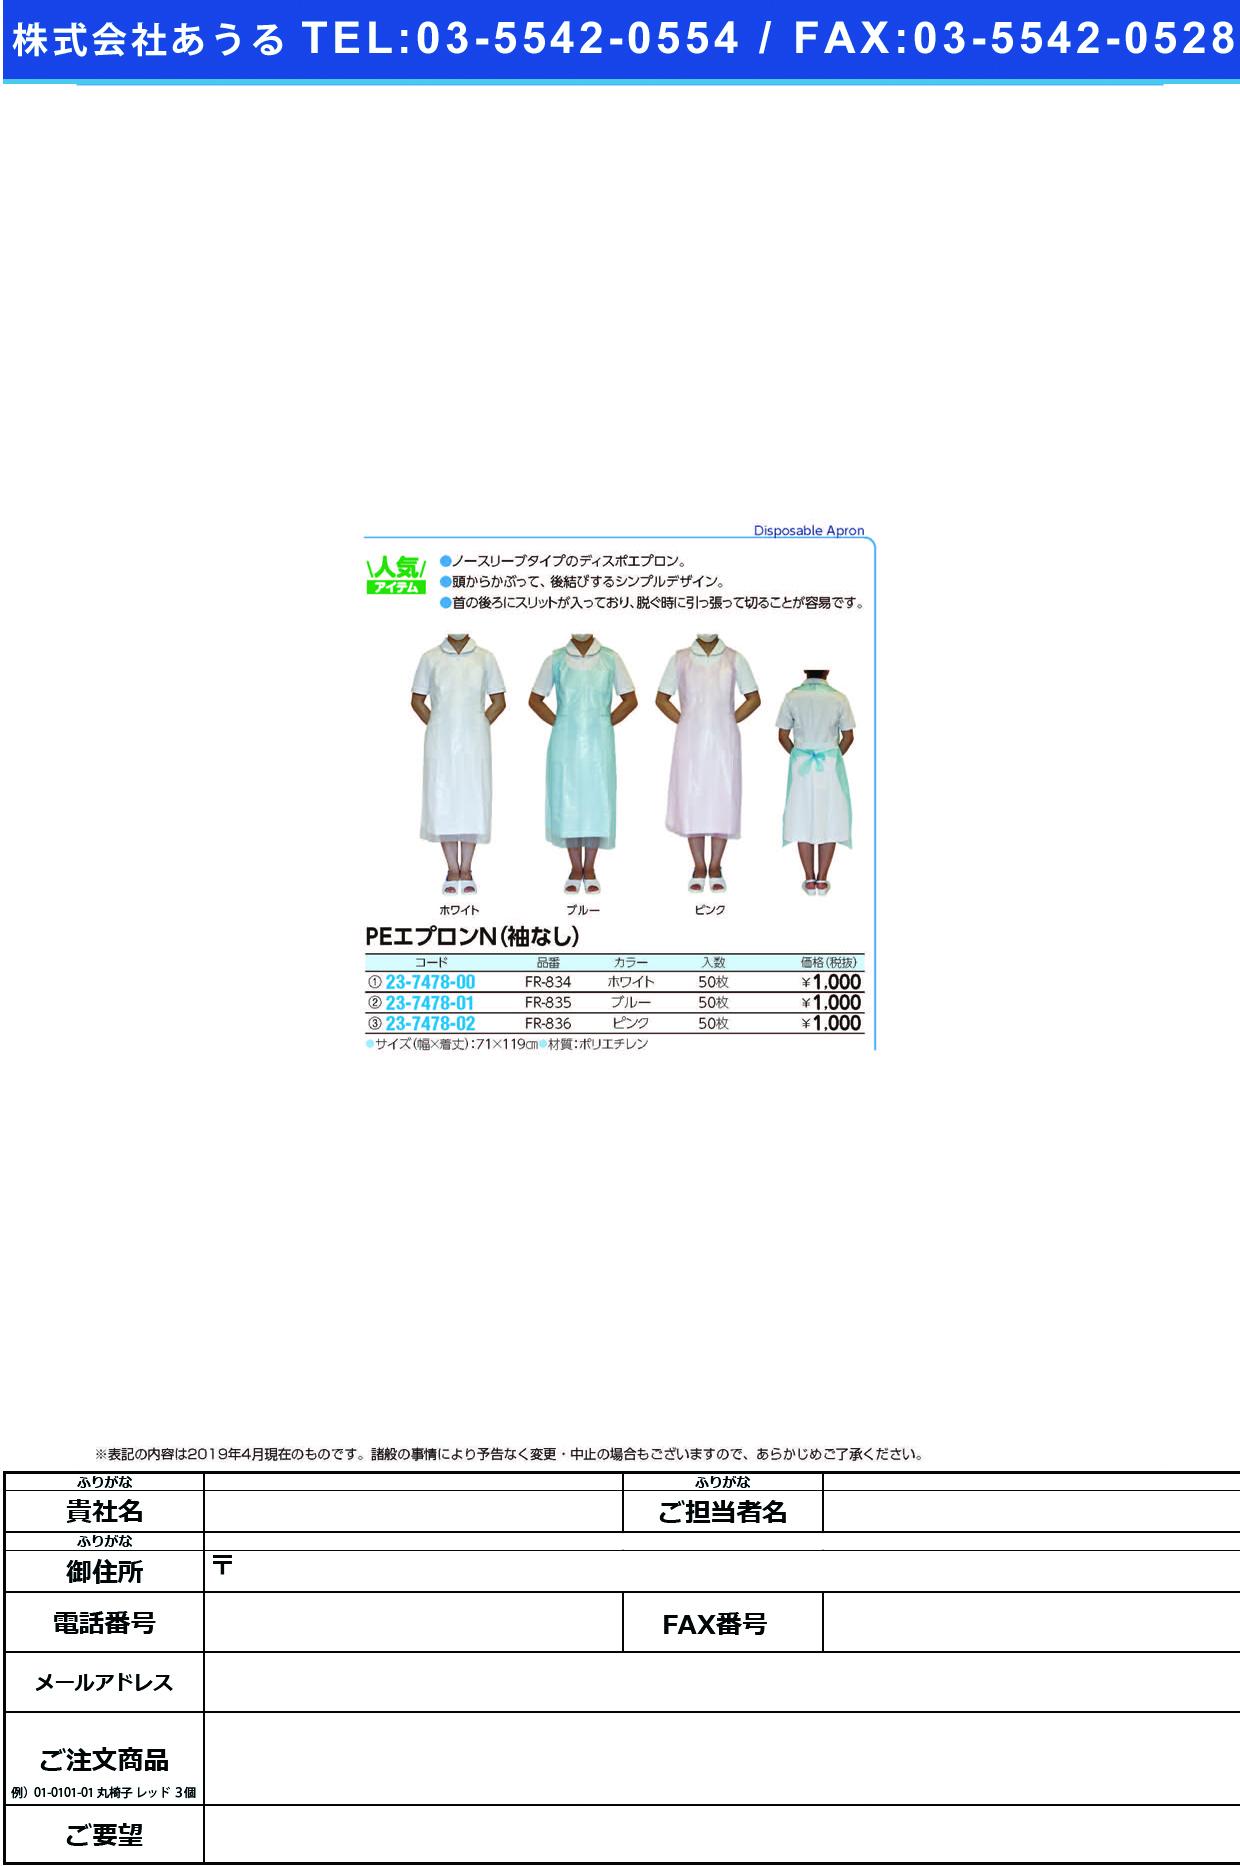 (23-7478-01)PEエプロンN(袖なし) FR-835(ブルー)50マイイリ PEエプロンN(ソデナシ)(ファーストレイト)【1箱単位】【2019年カタログ商品】